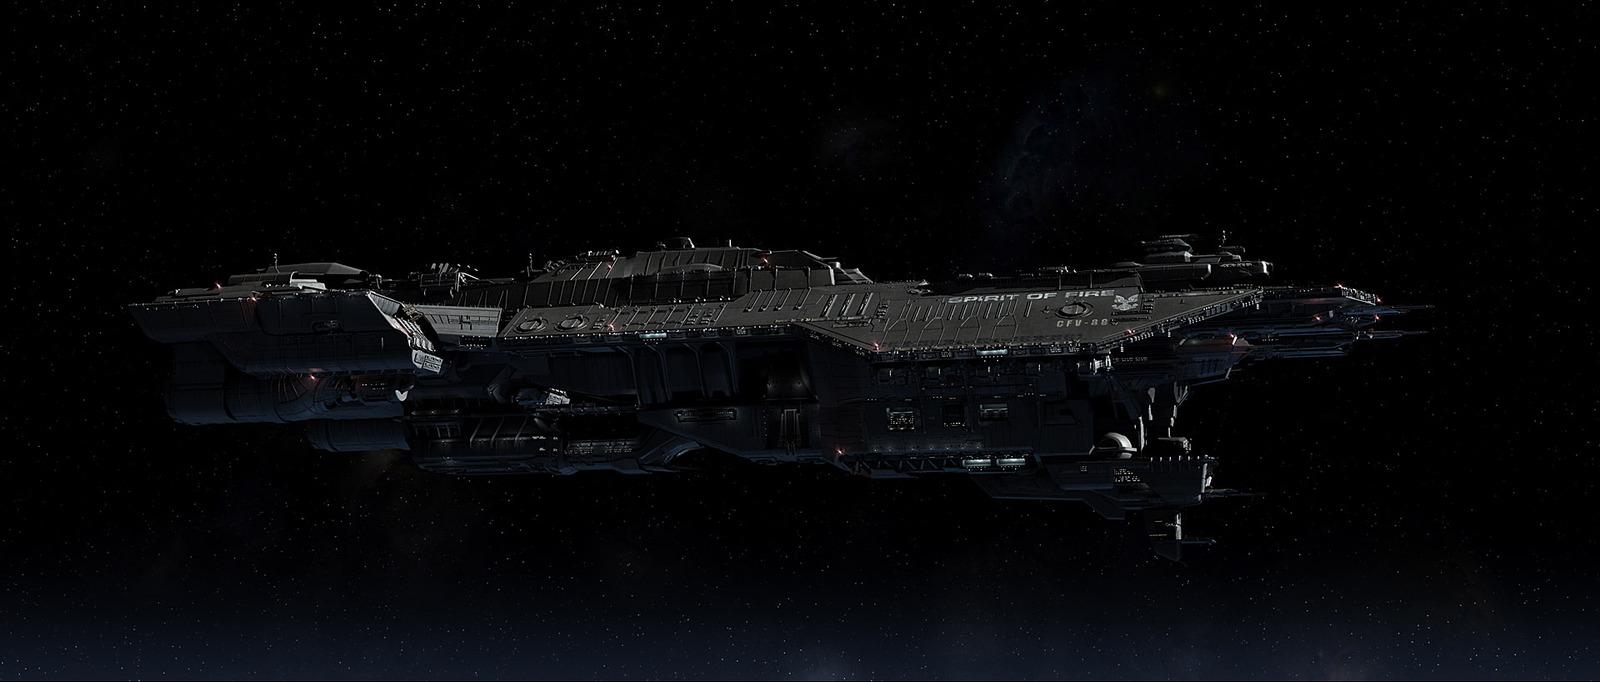 求光晕中火灵号,无尽号等等的战舰照片.最好高清,用来做卡贴的.